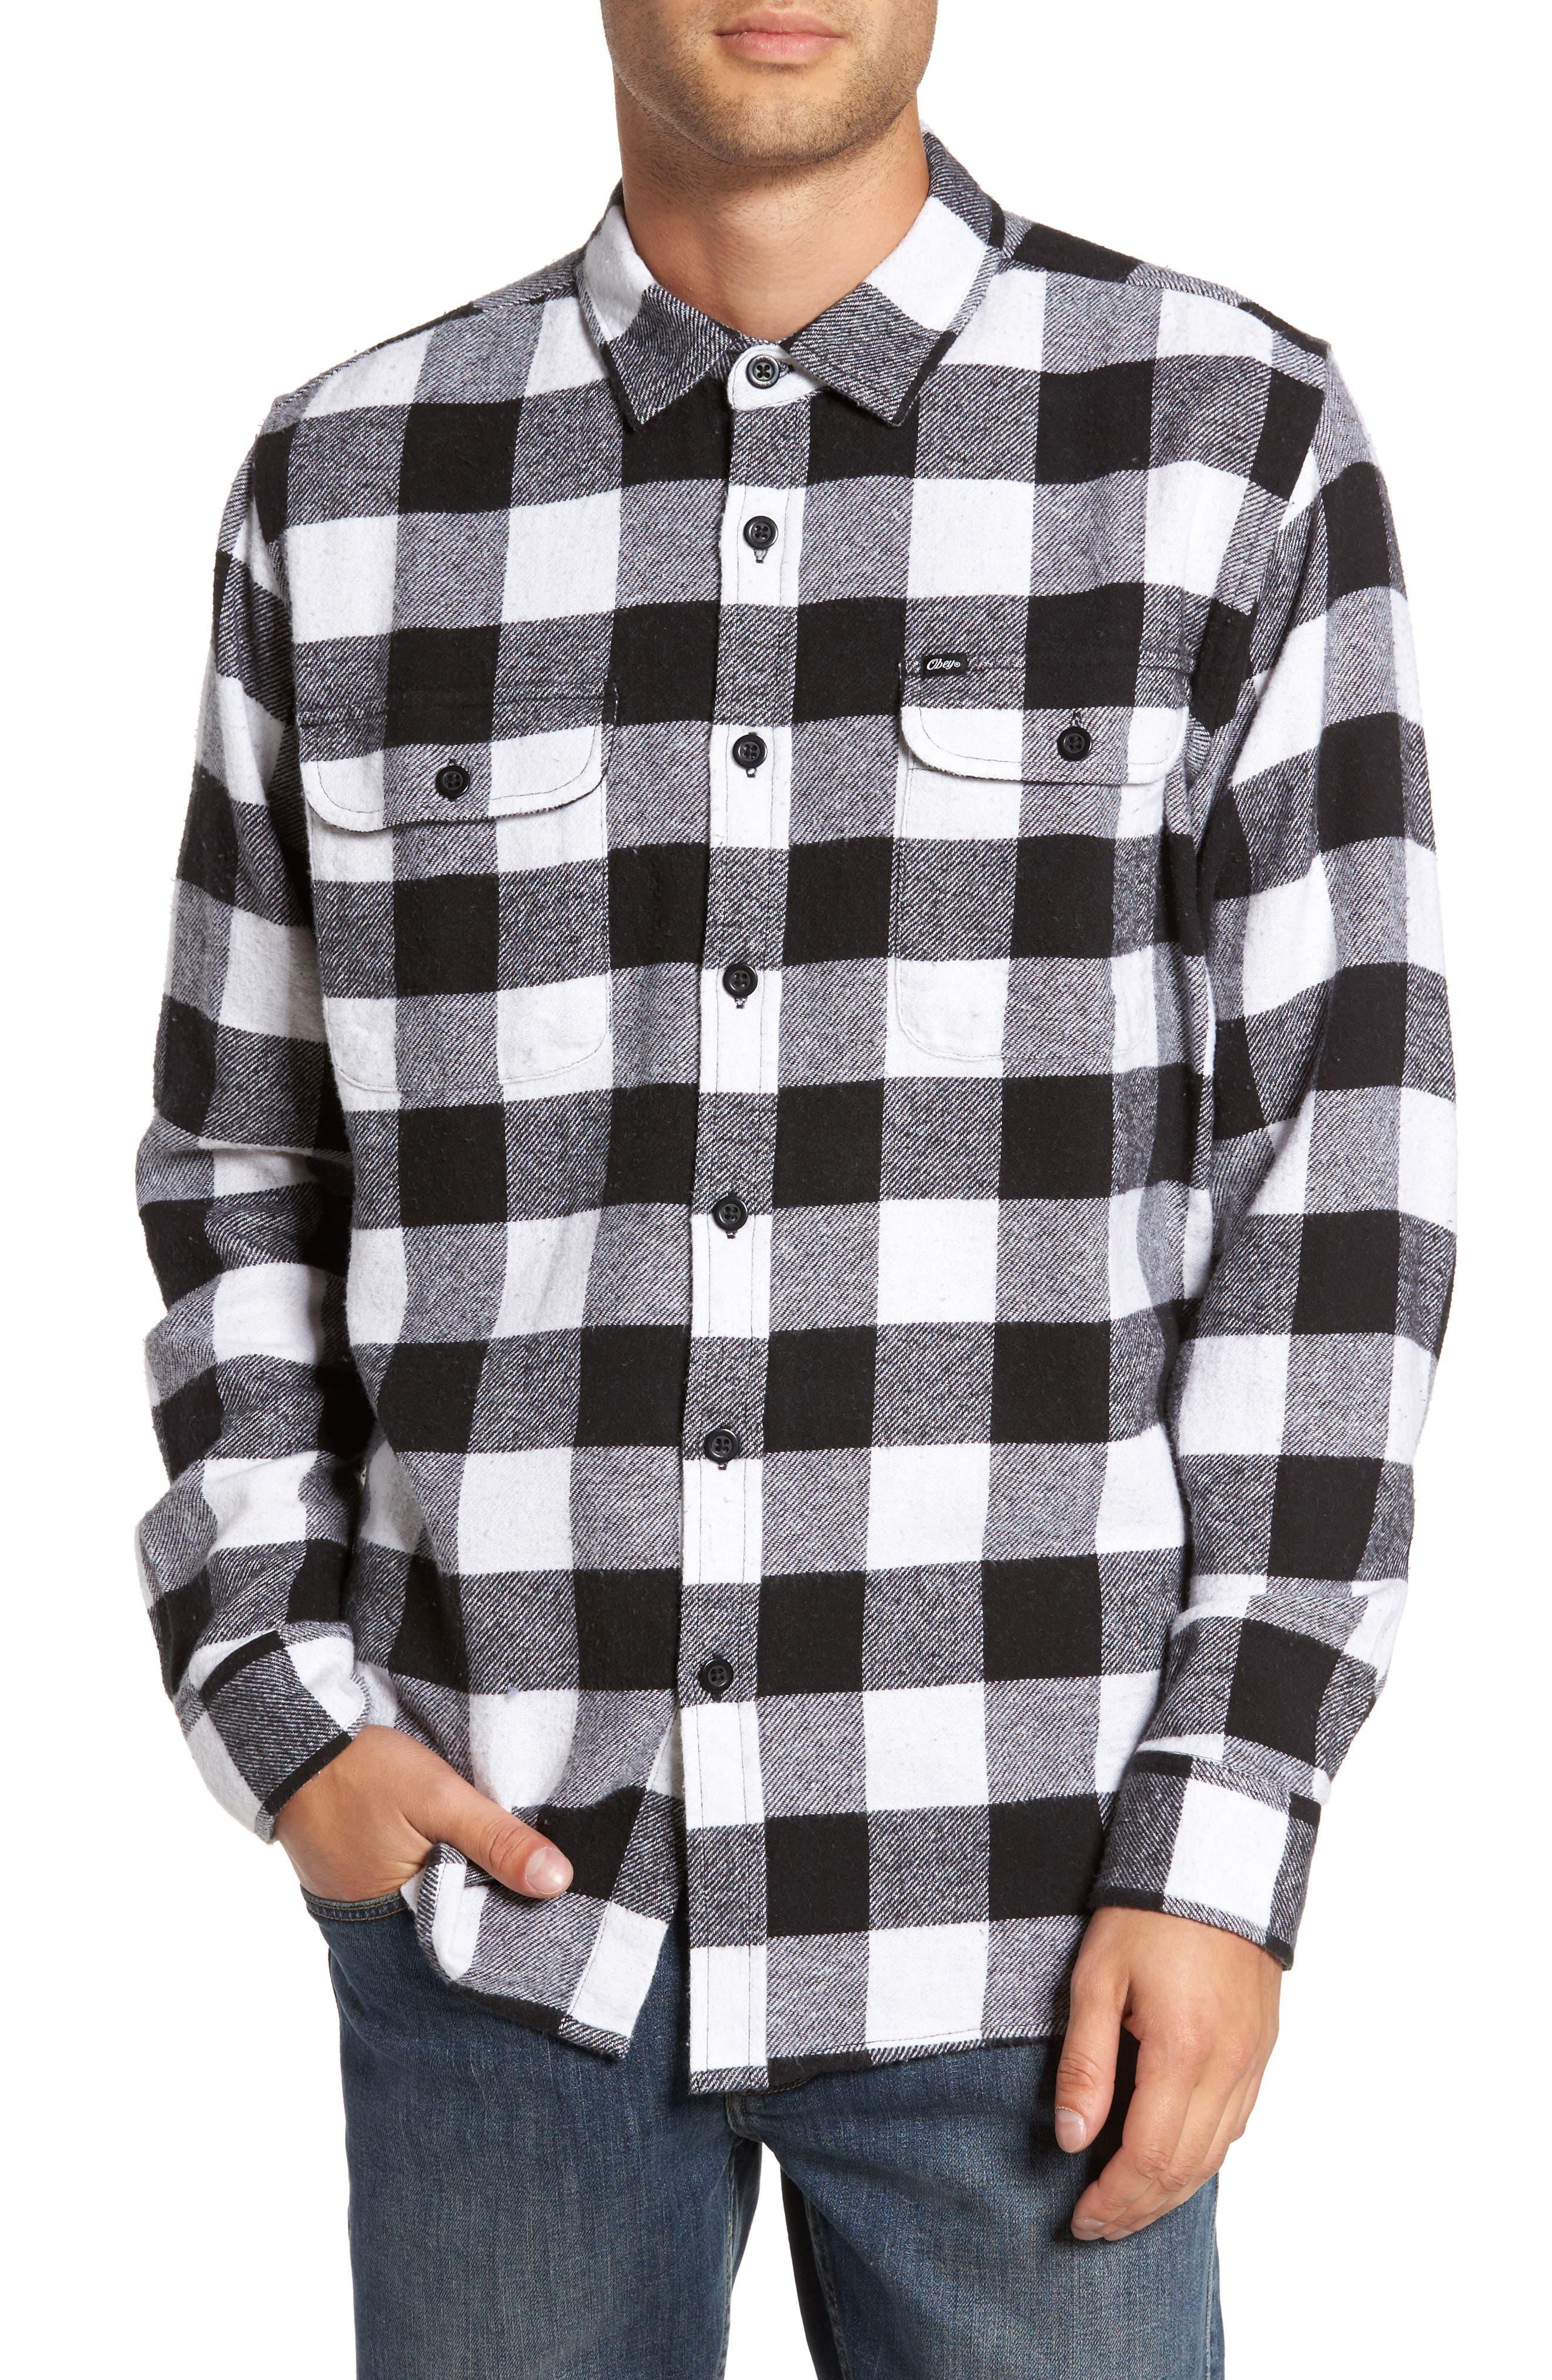 Trent Check Woven Shirt,                             Main thumbnail 1, color,                             002